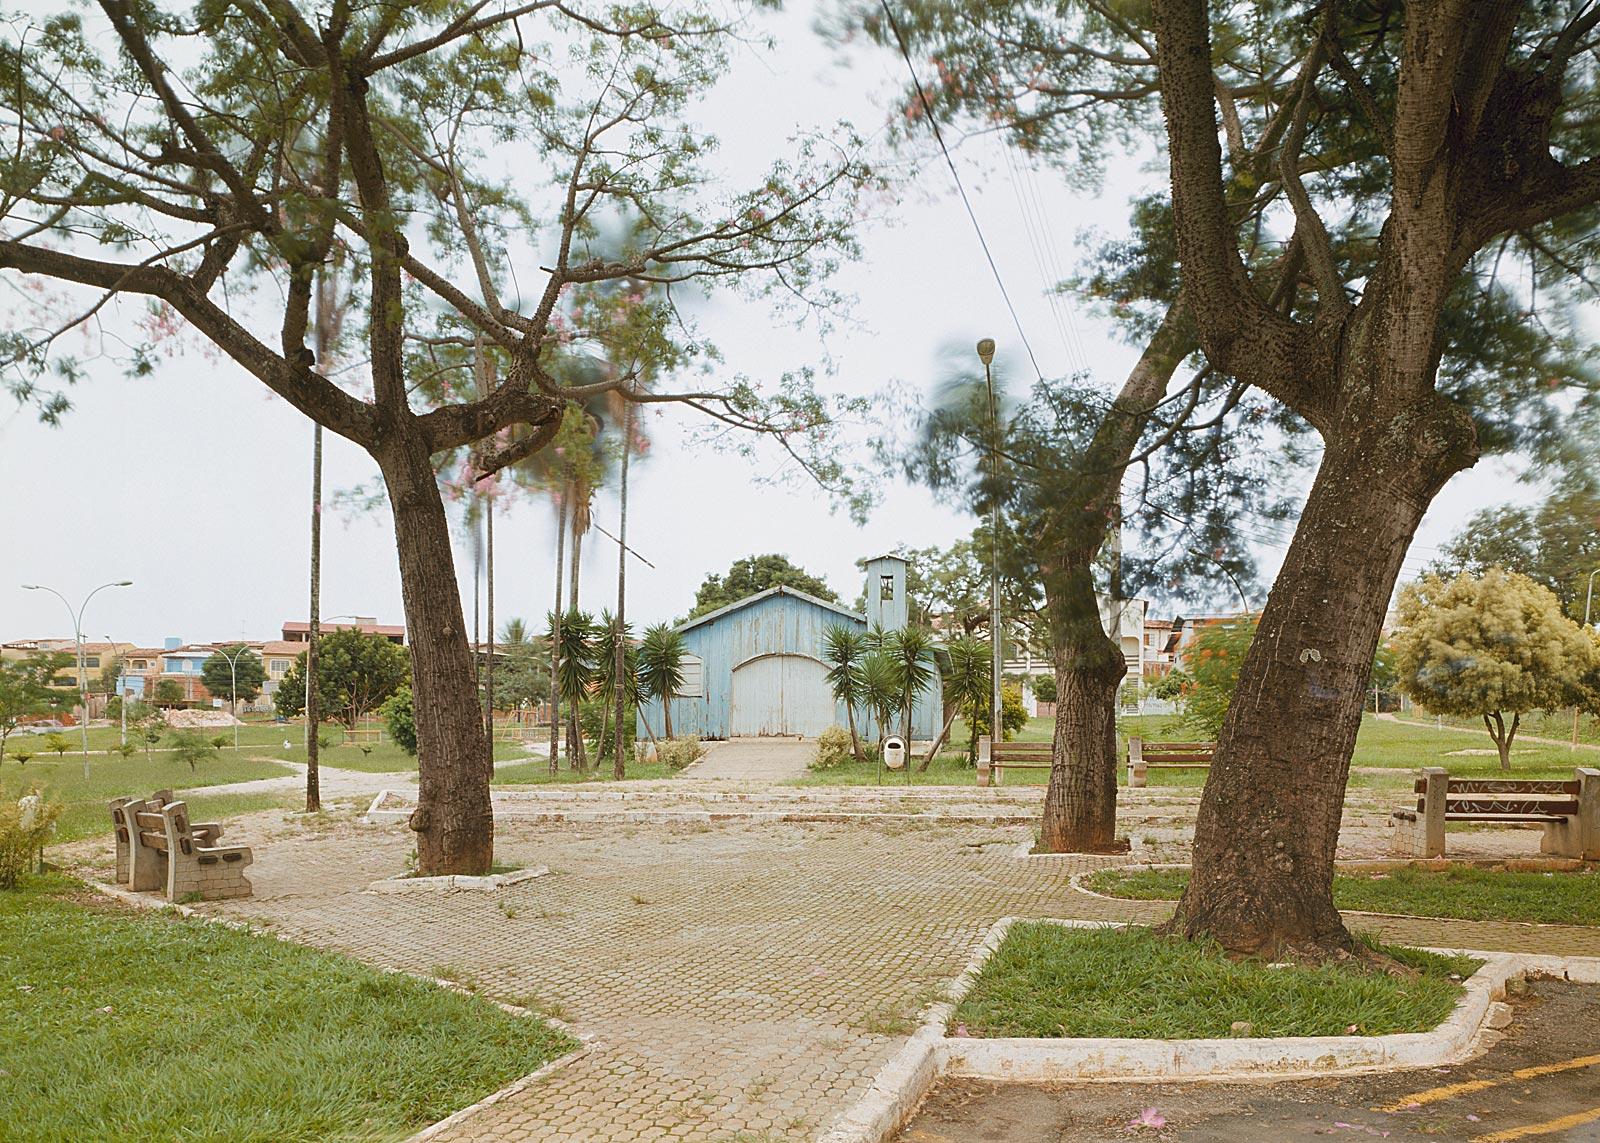 Praça da Igreja Nossa Senhora Aparecida, Metropolitana, Brasilia